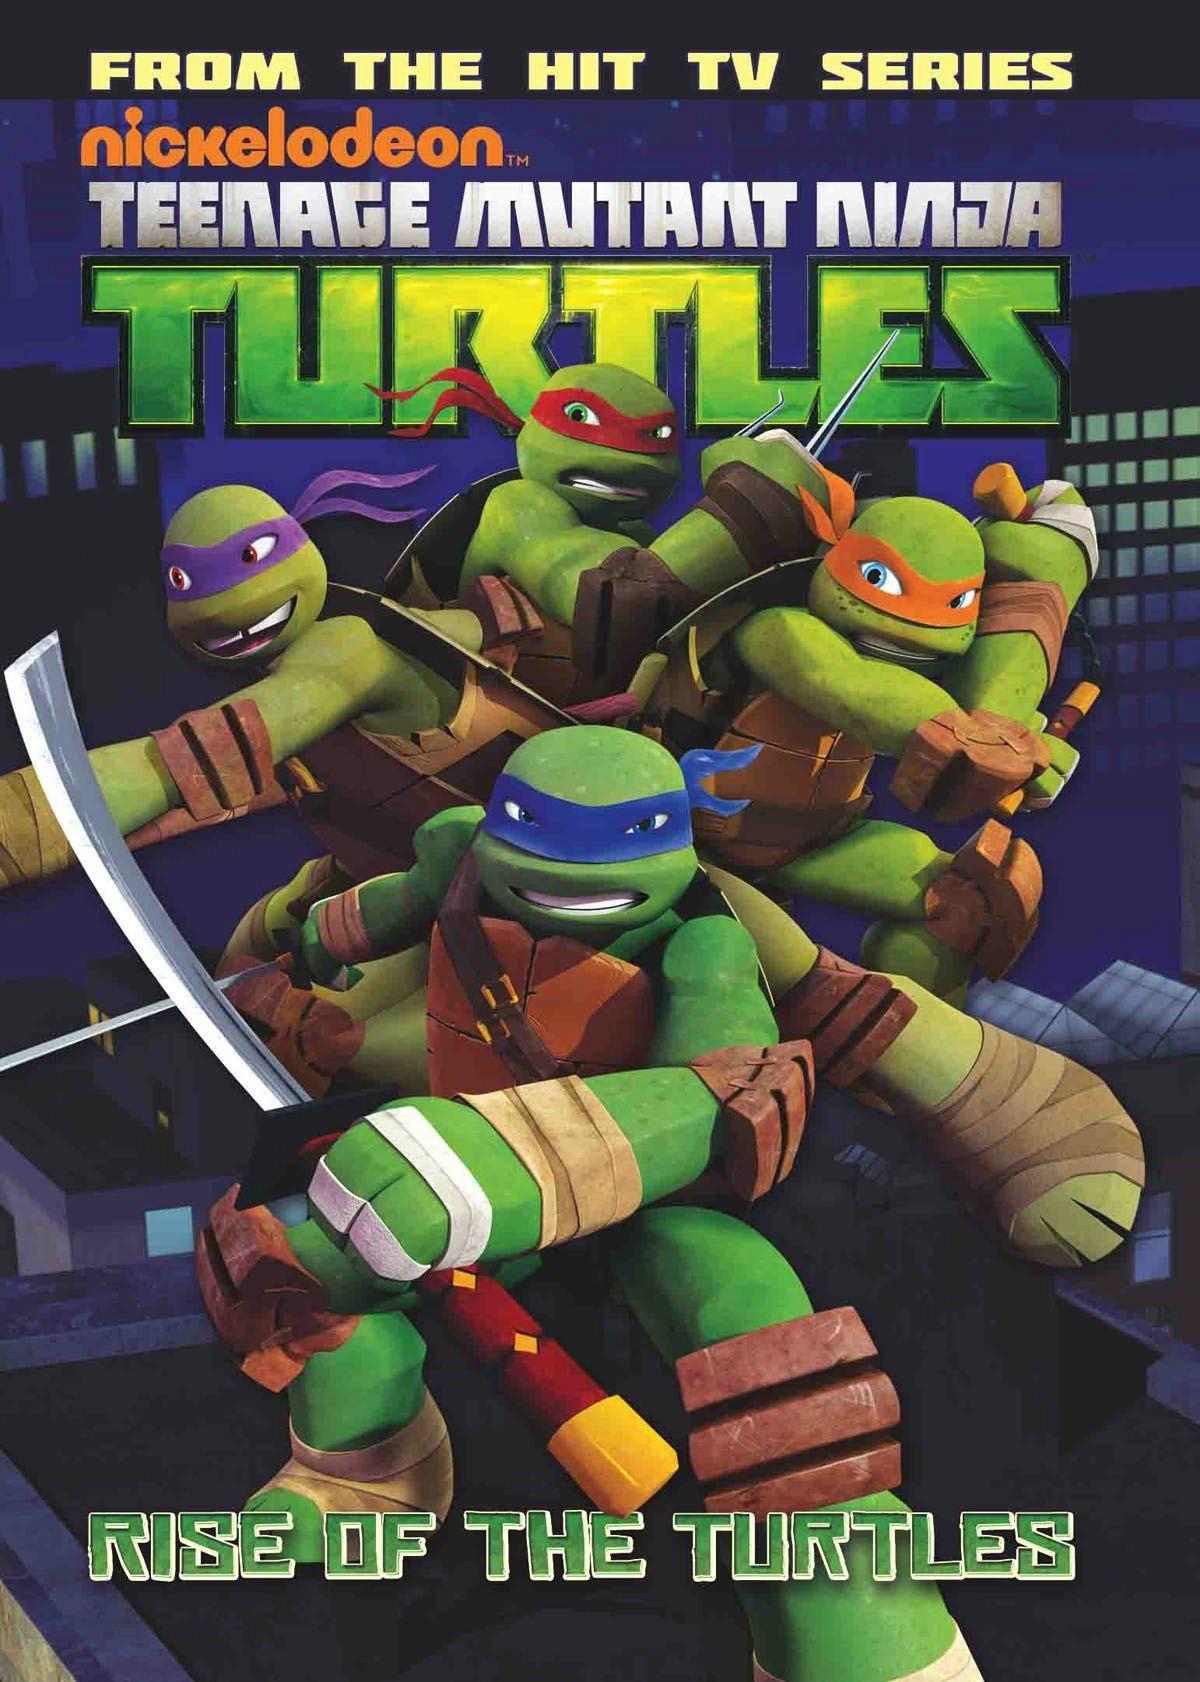 Amazon.com: Teenage Mutant Ninja Turtles Animated Volume 1 ...